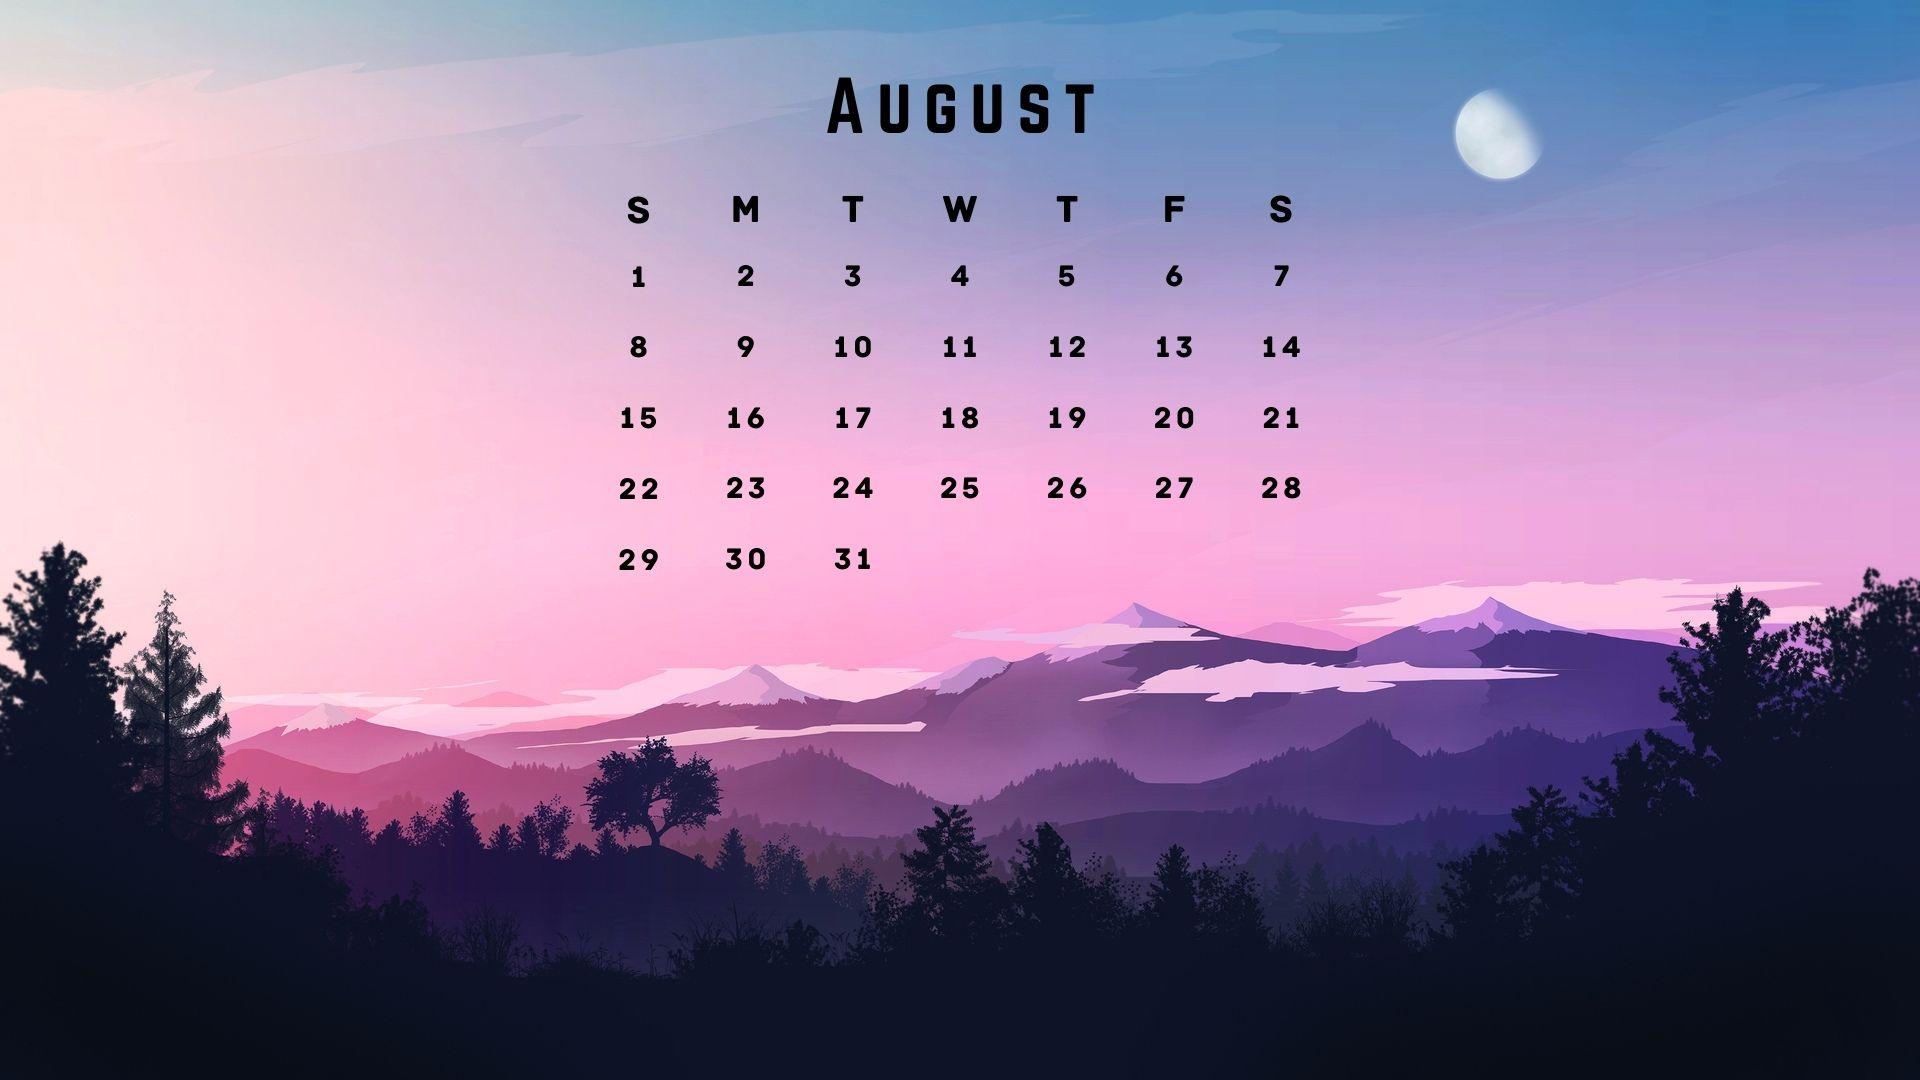 Ảnh nền tháng 8/2021